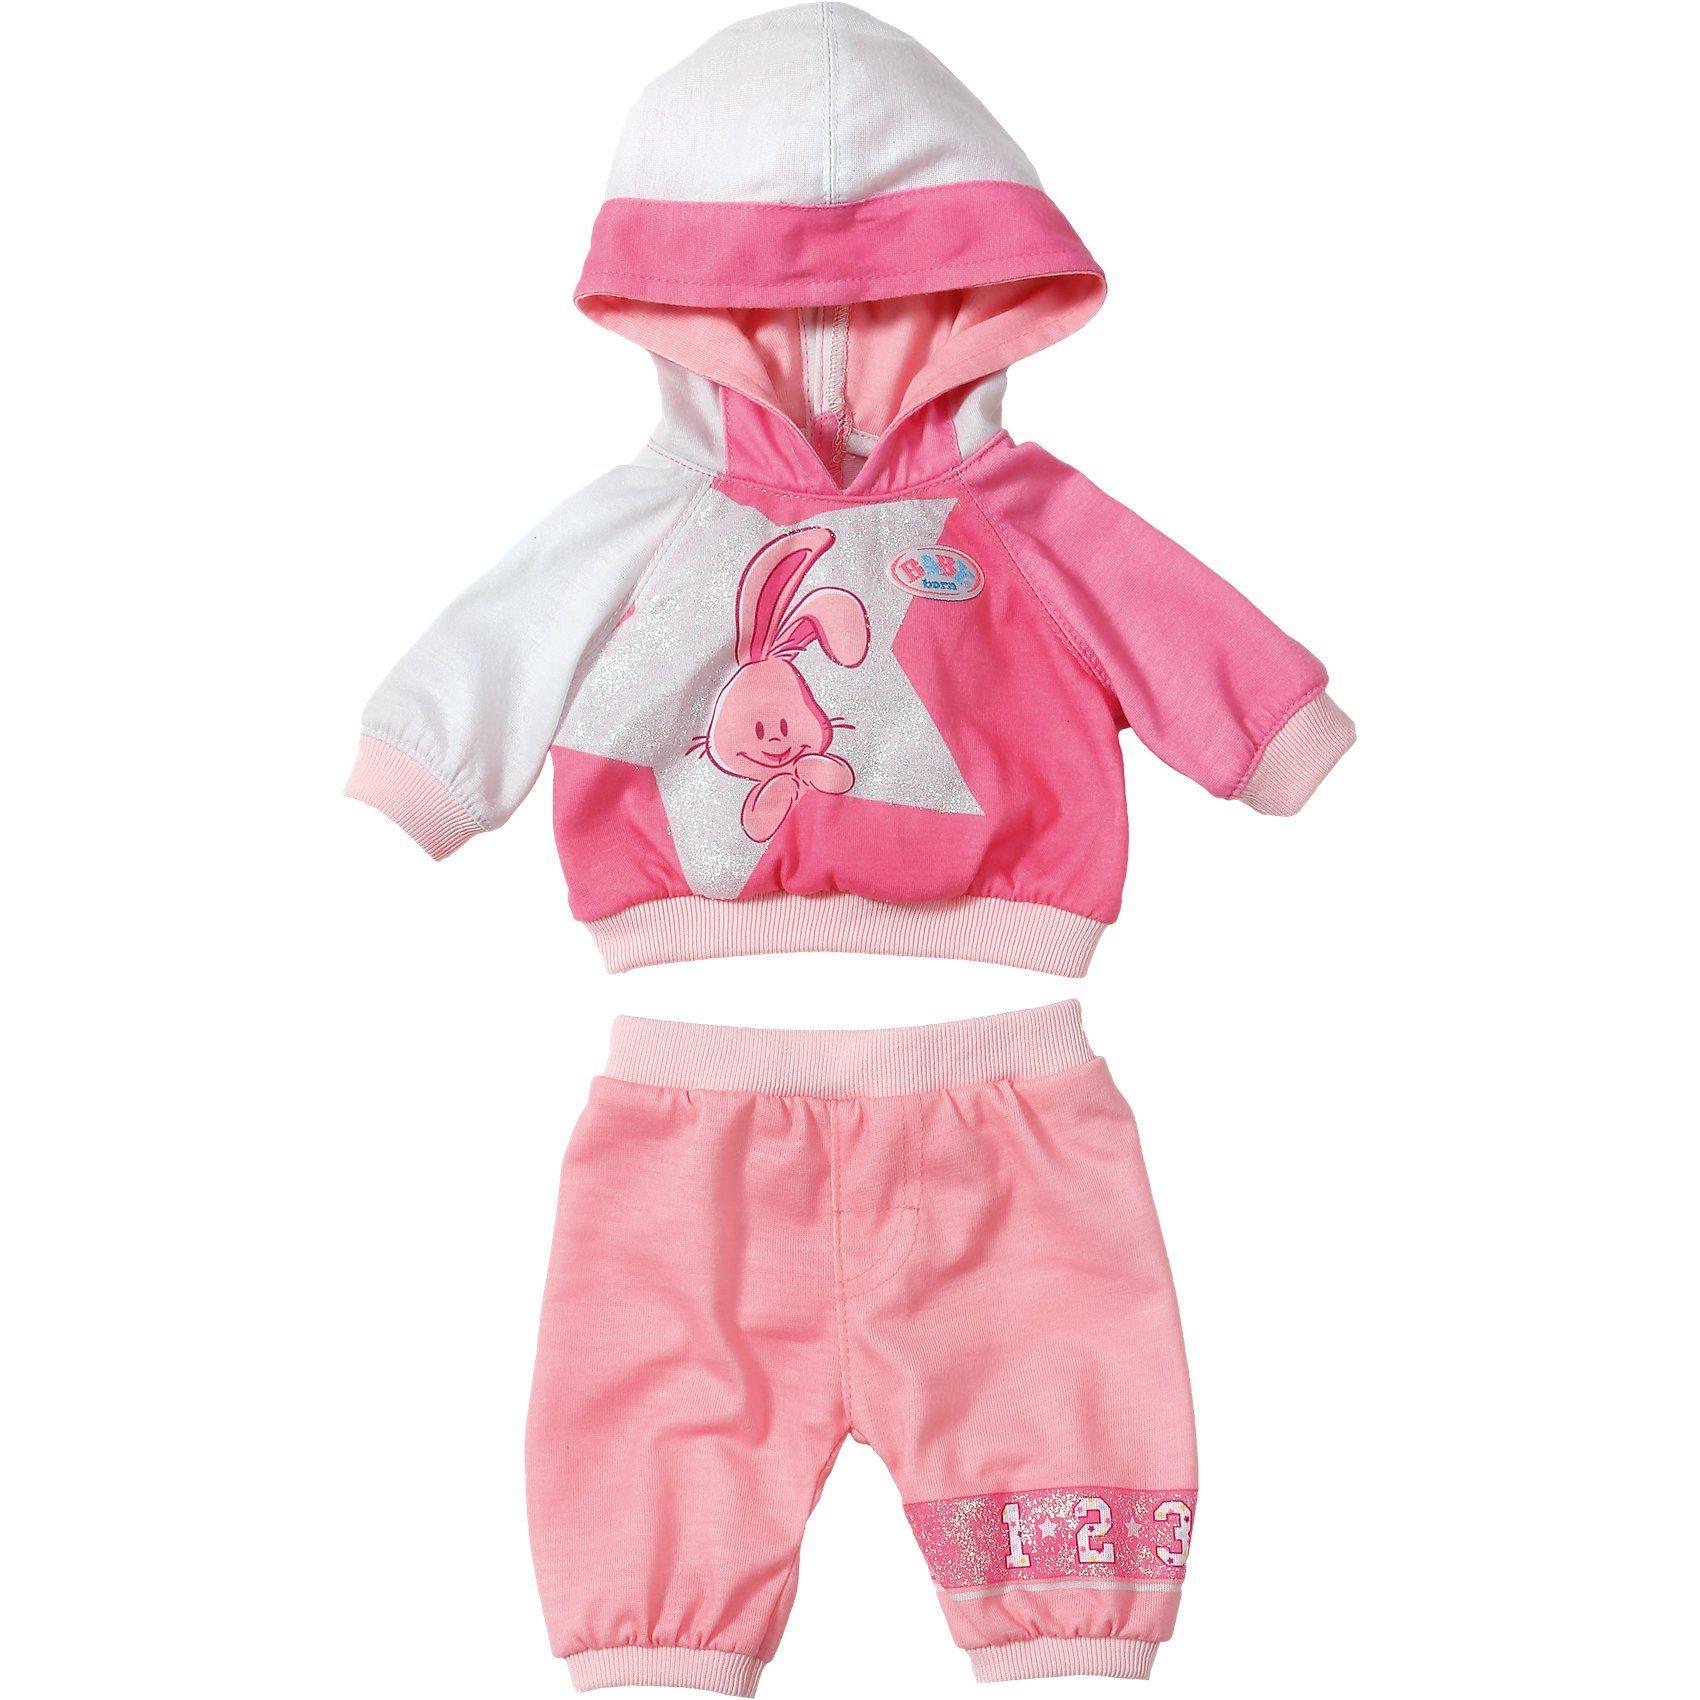 Zapf Creation BABY born Puppenkleidung Freizeitanzug Bunny + Stern